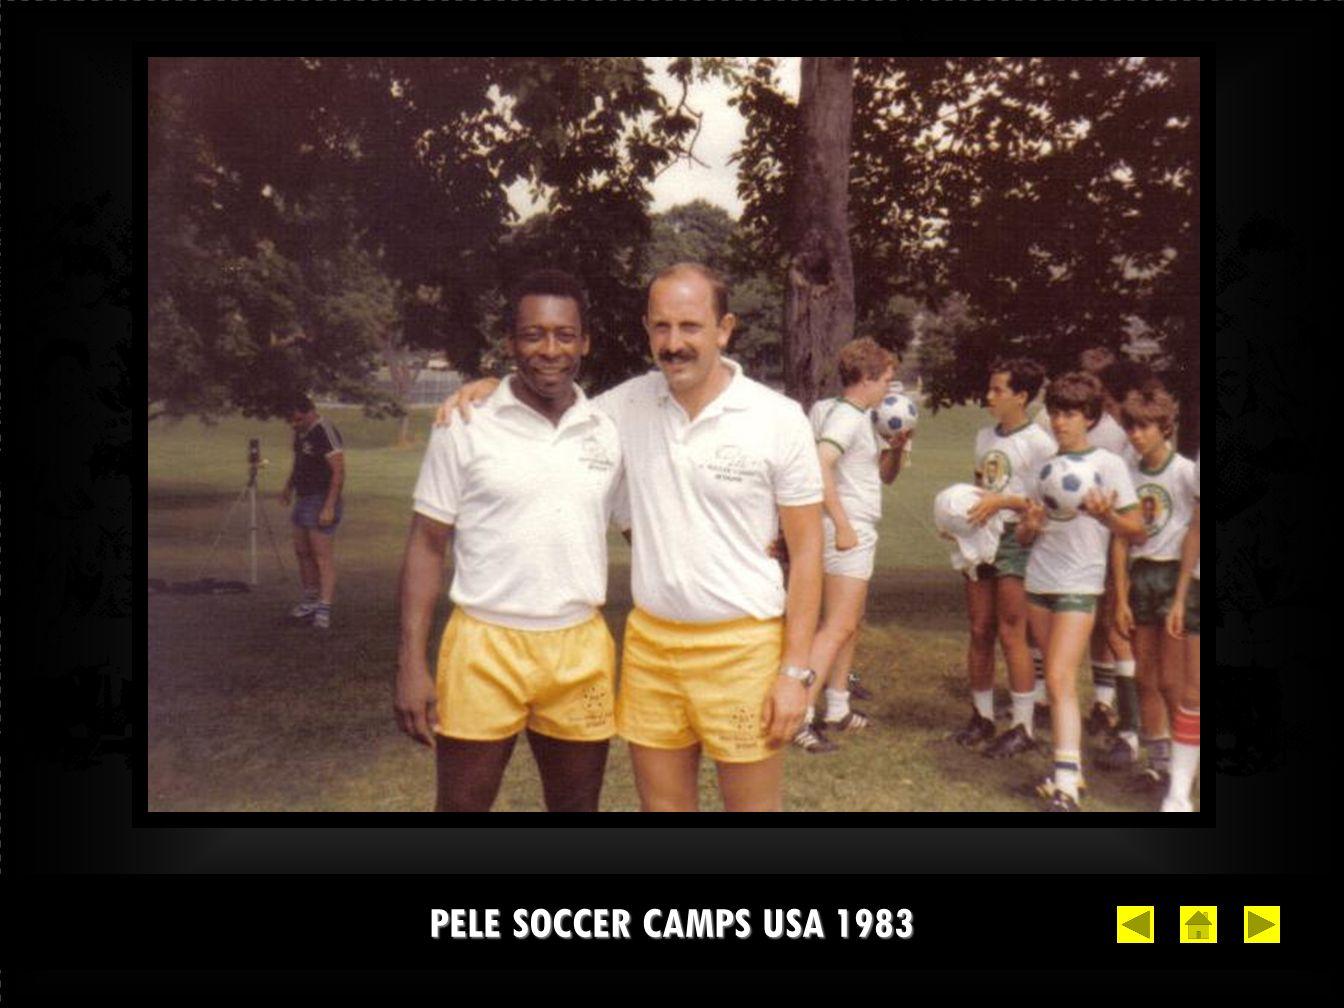 PELE SOCCER CAMPS USA 1983